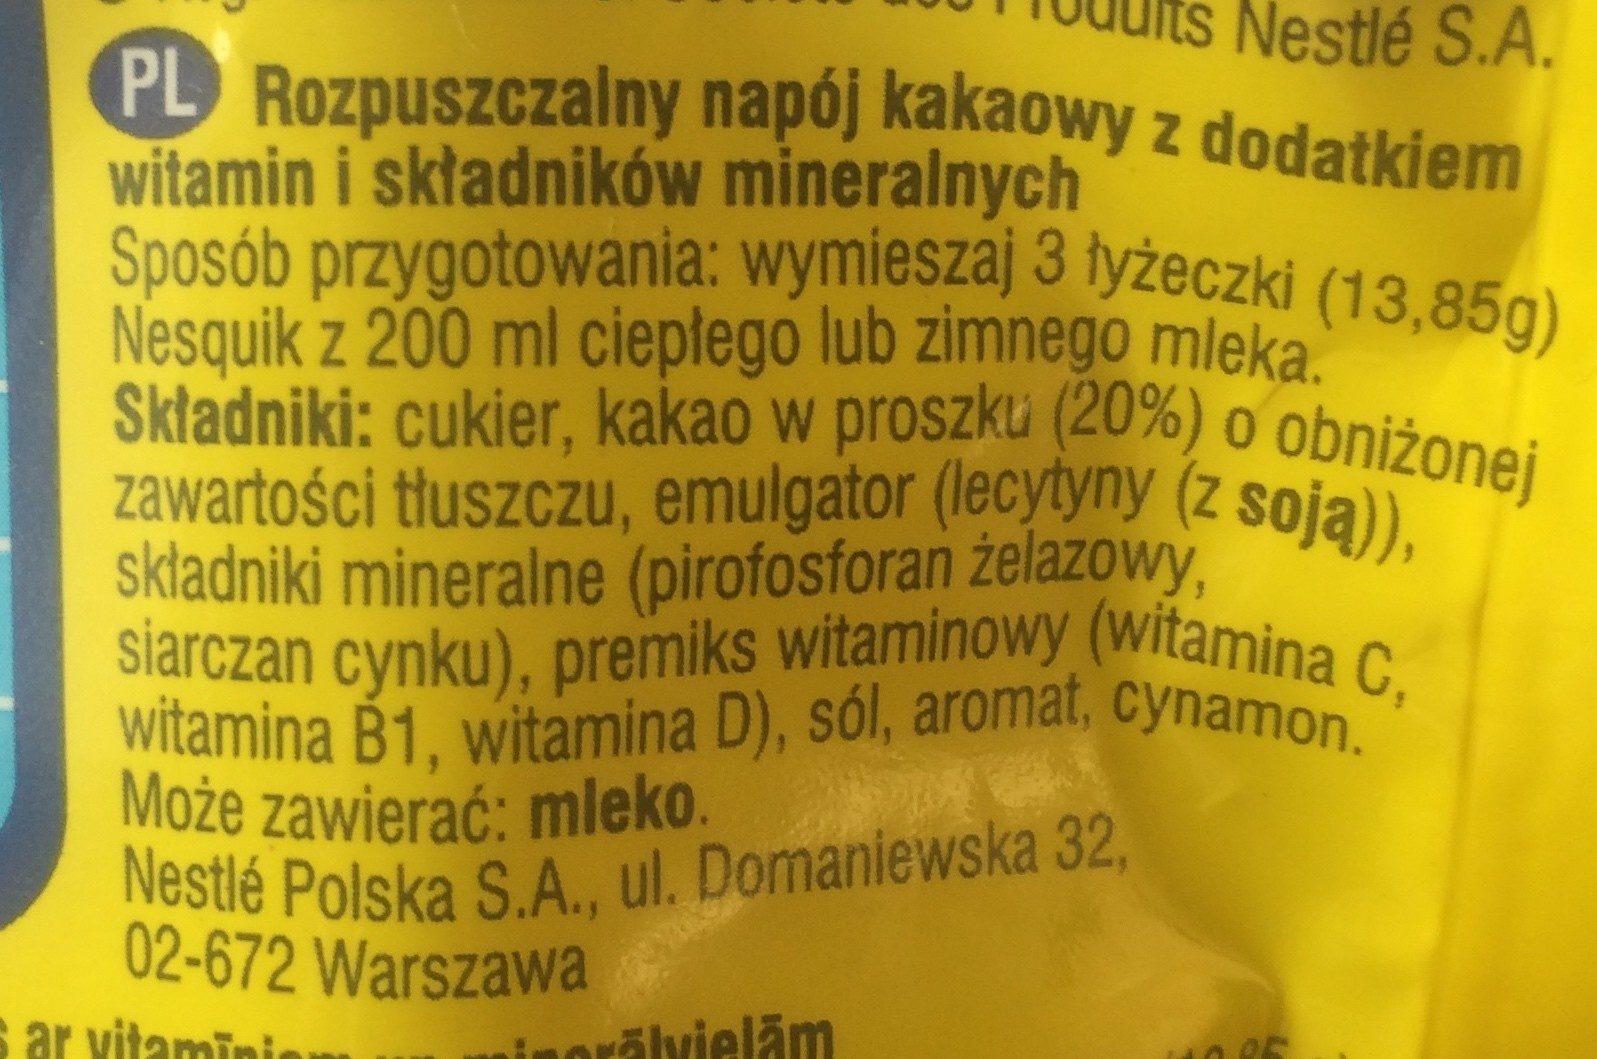 Rozpuszczalny napój kakaowy z dodatkiem witamin i stadników mineralnych. - Ingrédients - pl